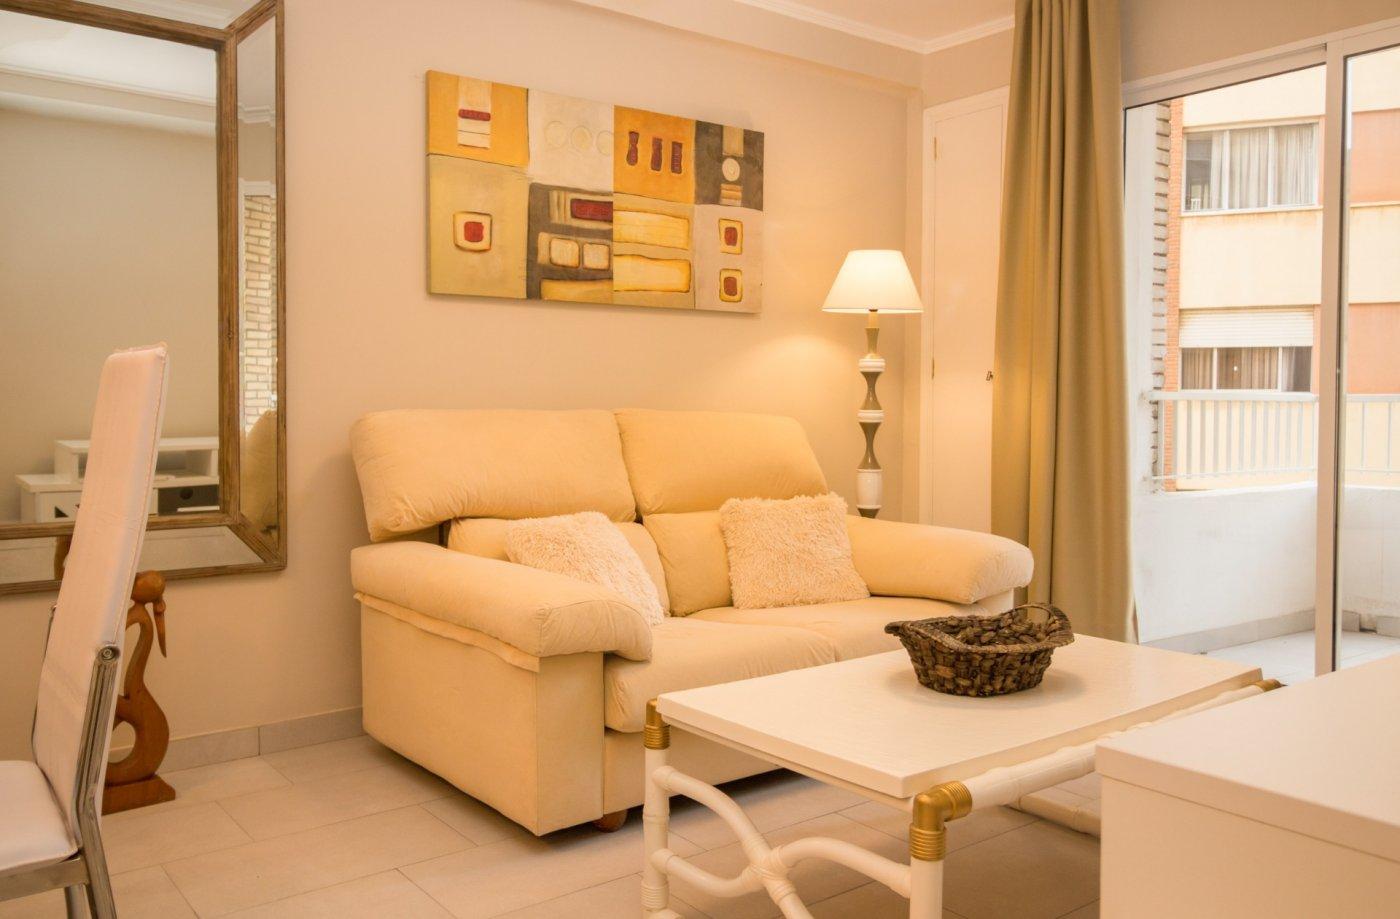 Precioso piso con decoración exclusiva en ronda mijares, castellón - imagenInmueble5